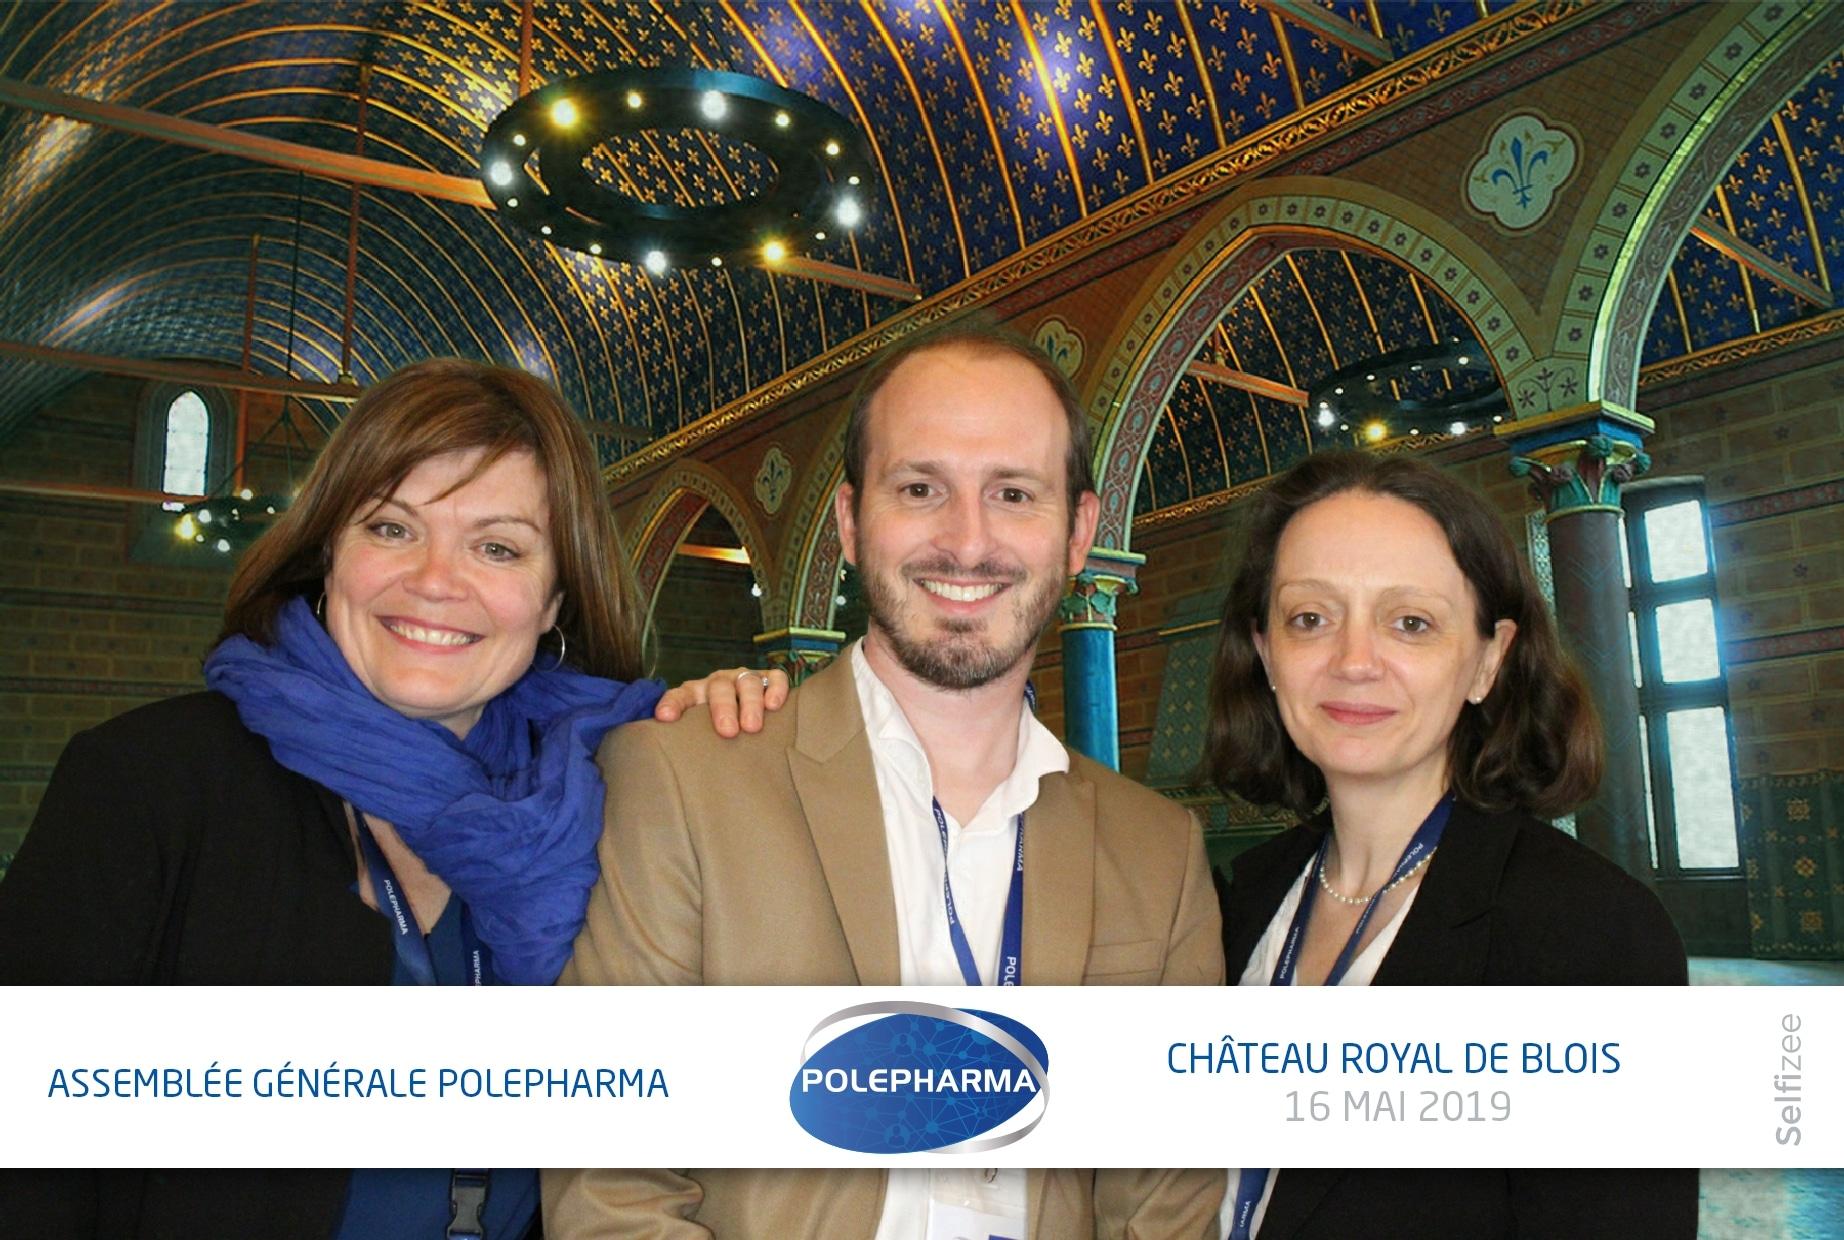 Borne selfie et animation photobooth fond vert à l'assemblée générale Polepharma au château royal de Blois entre Orléans et Tours